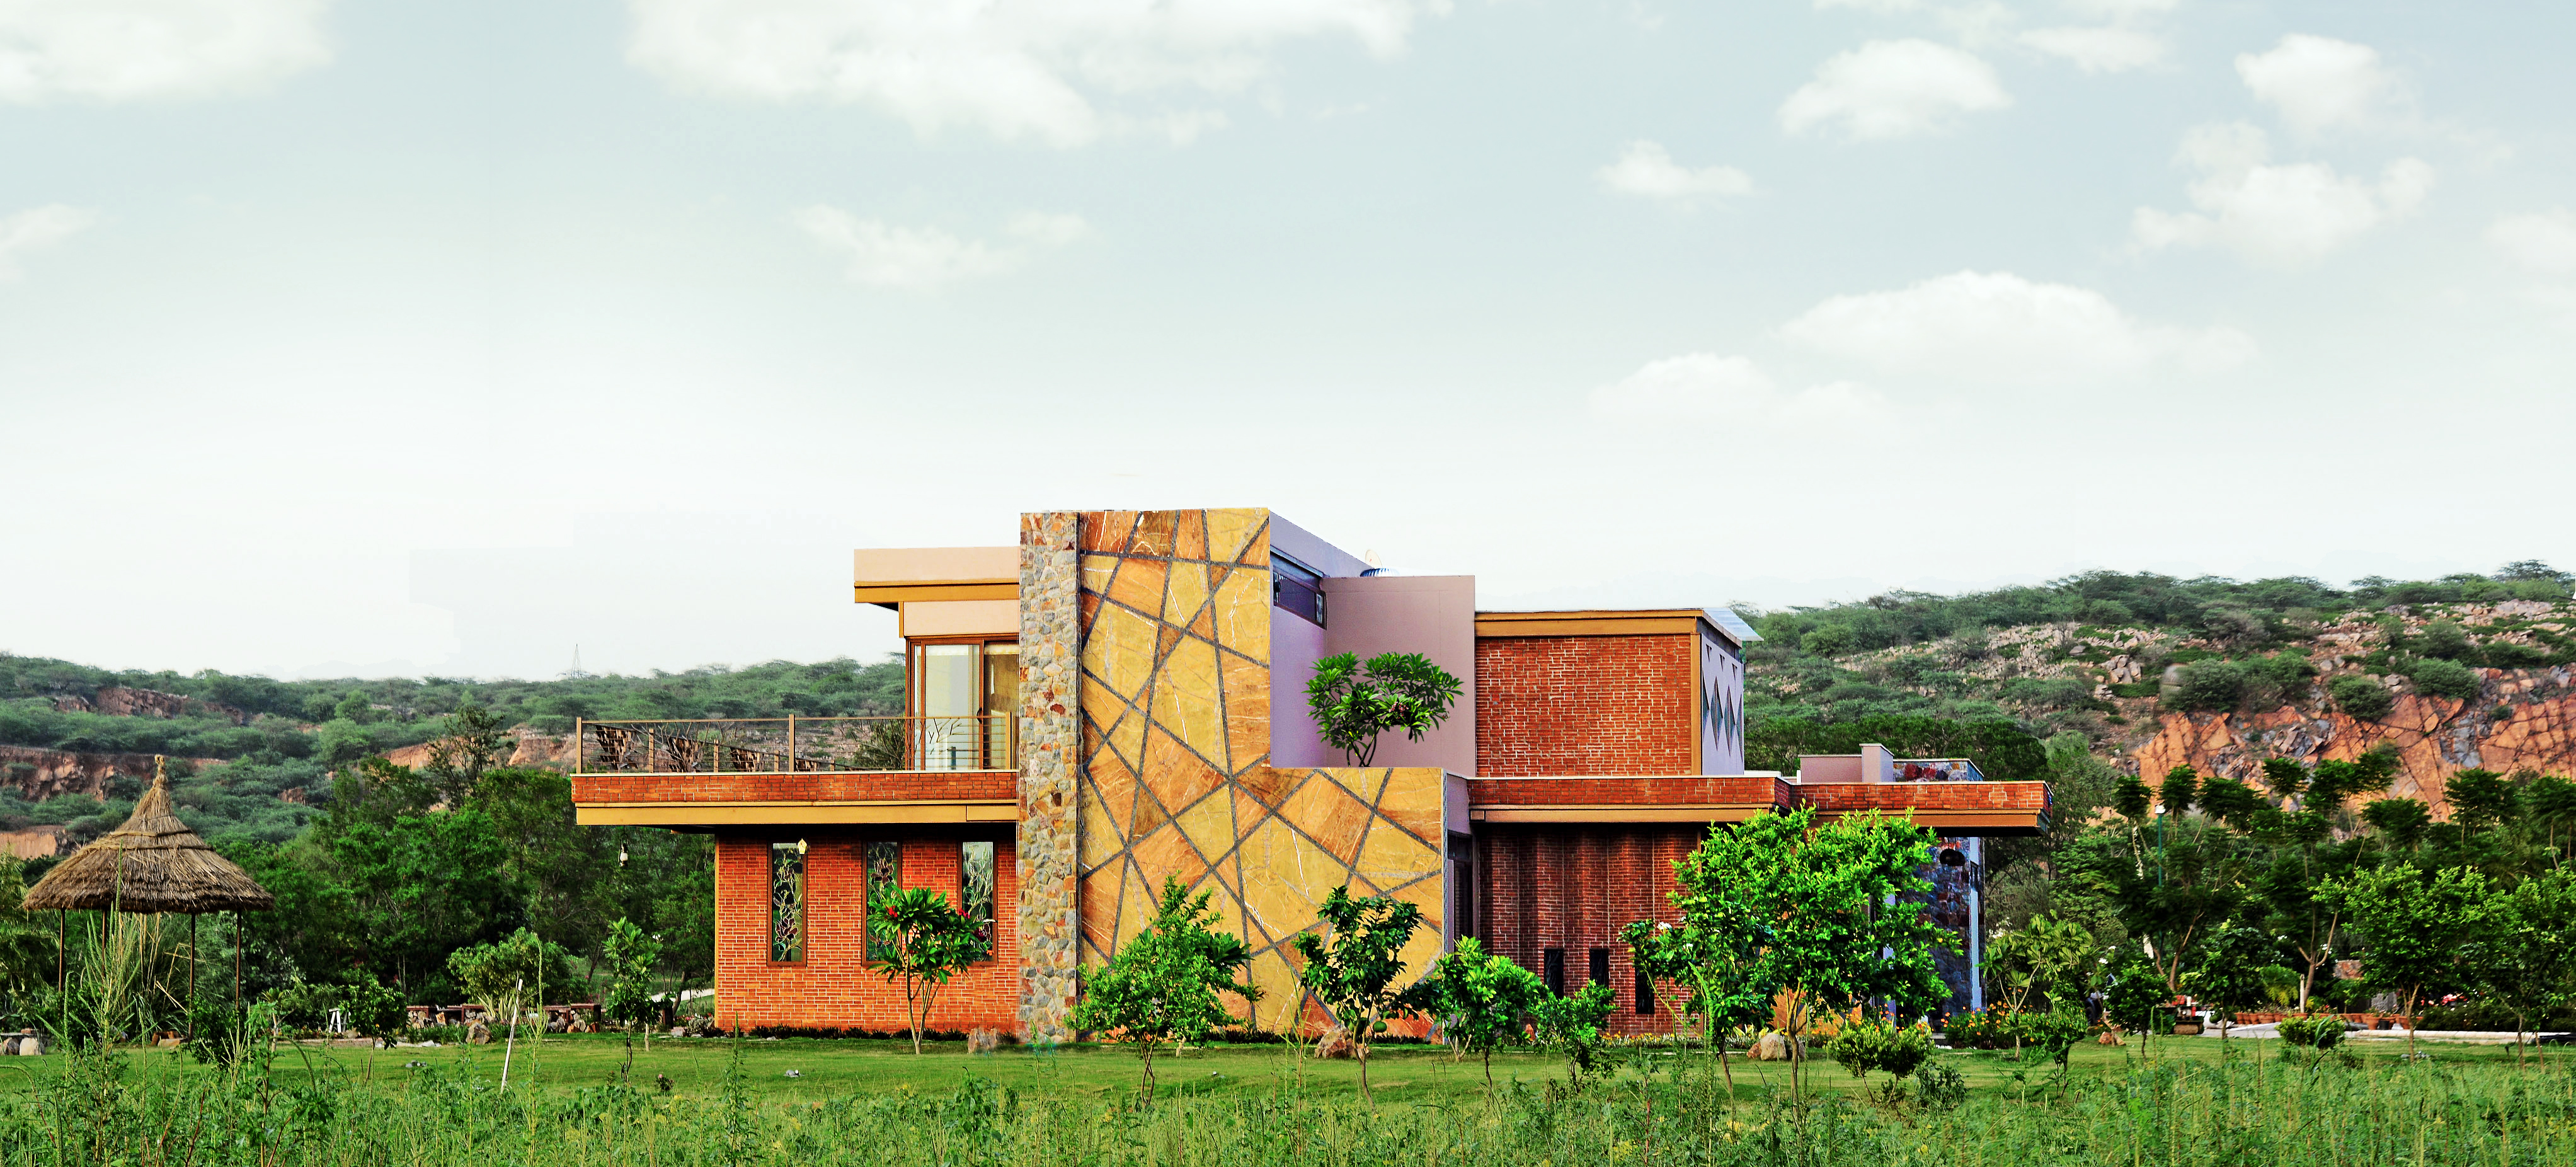 Farm House Architecture